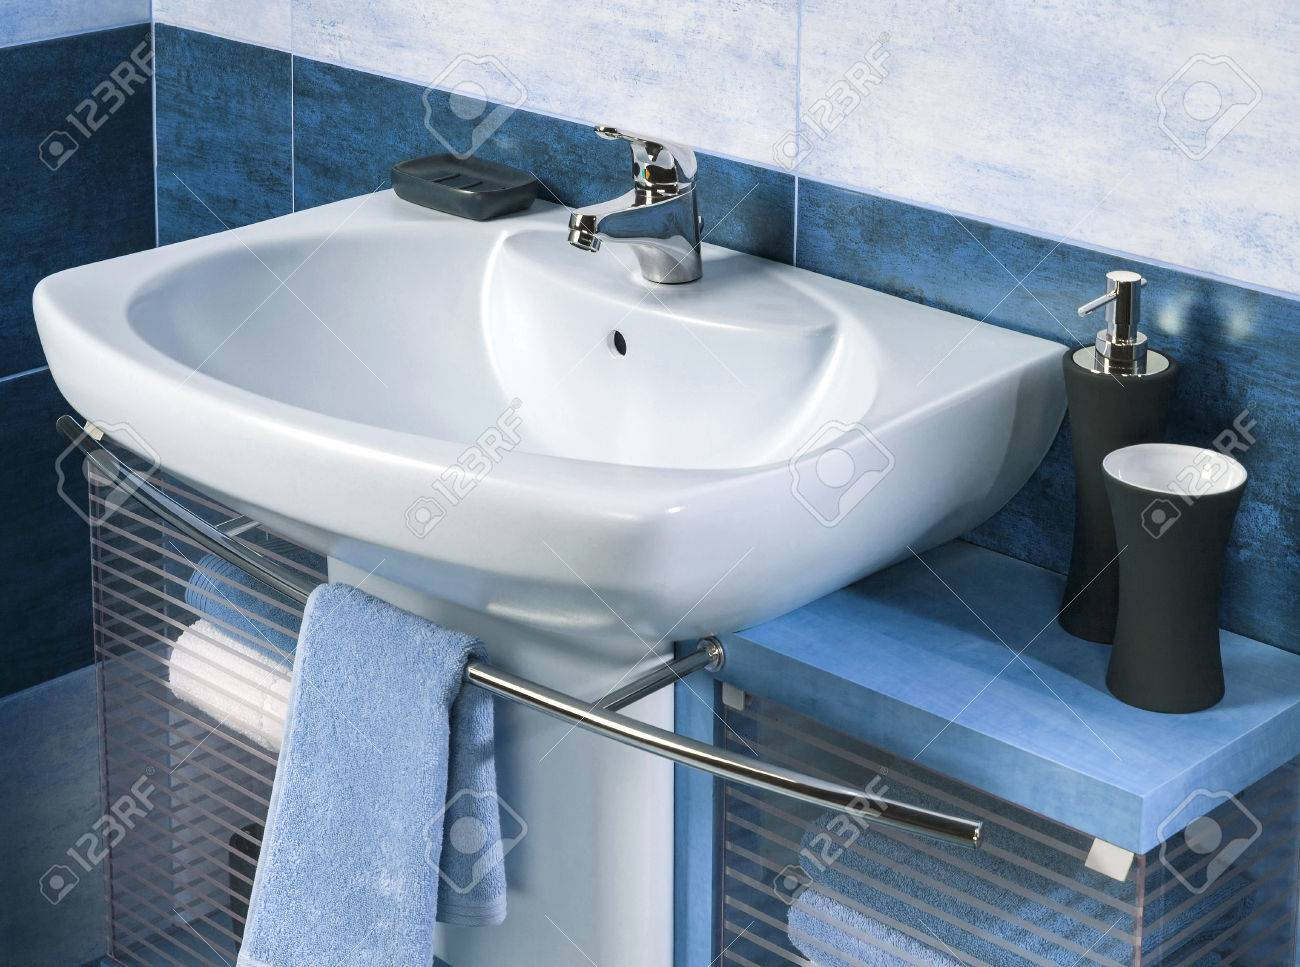 Detalle de un moderno cuarto de baño con lavabo y accesorios, mueble de  baño y azulejos del baño blye